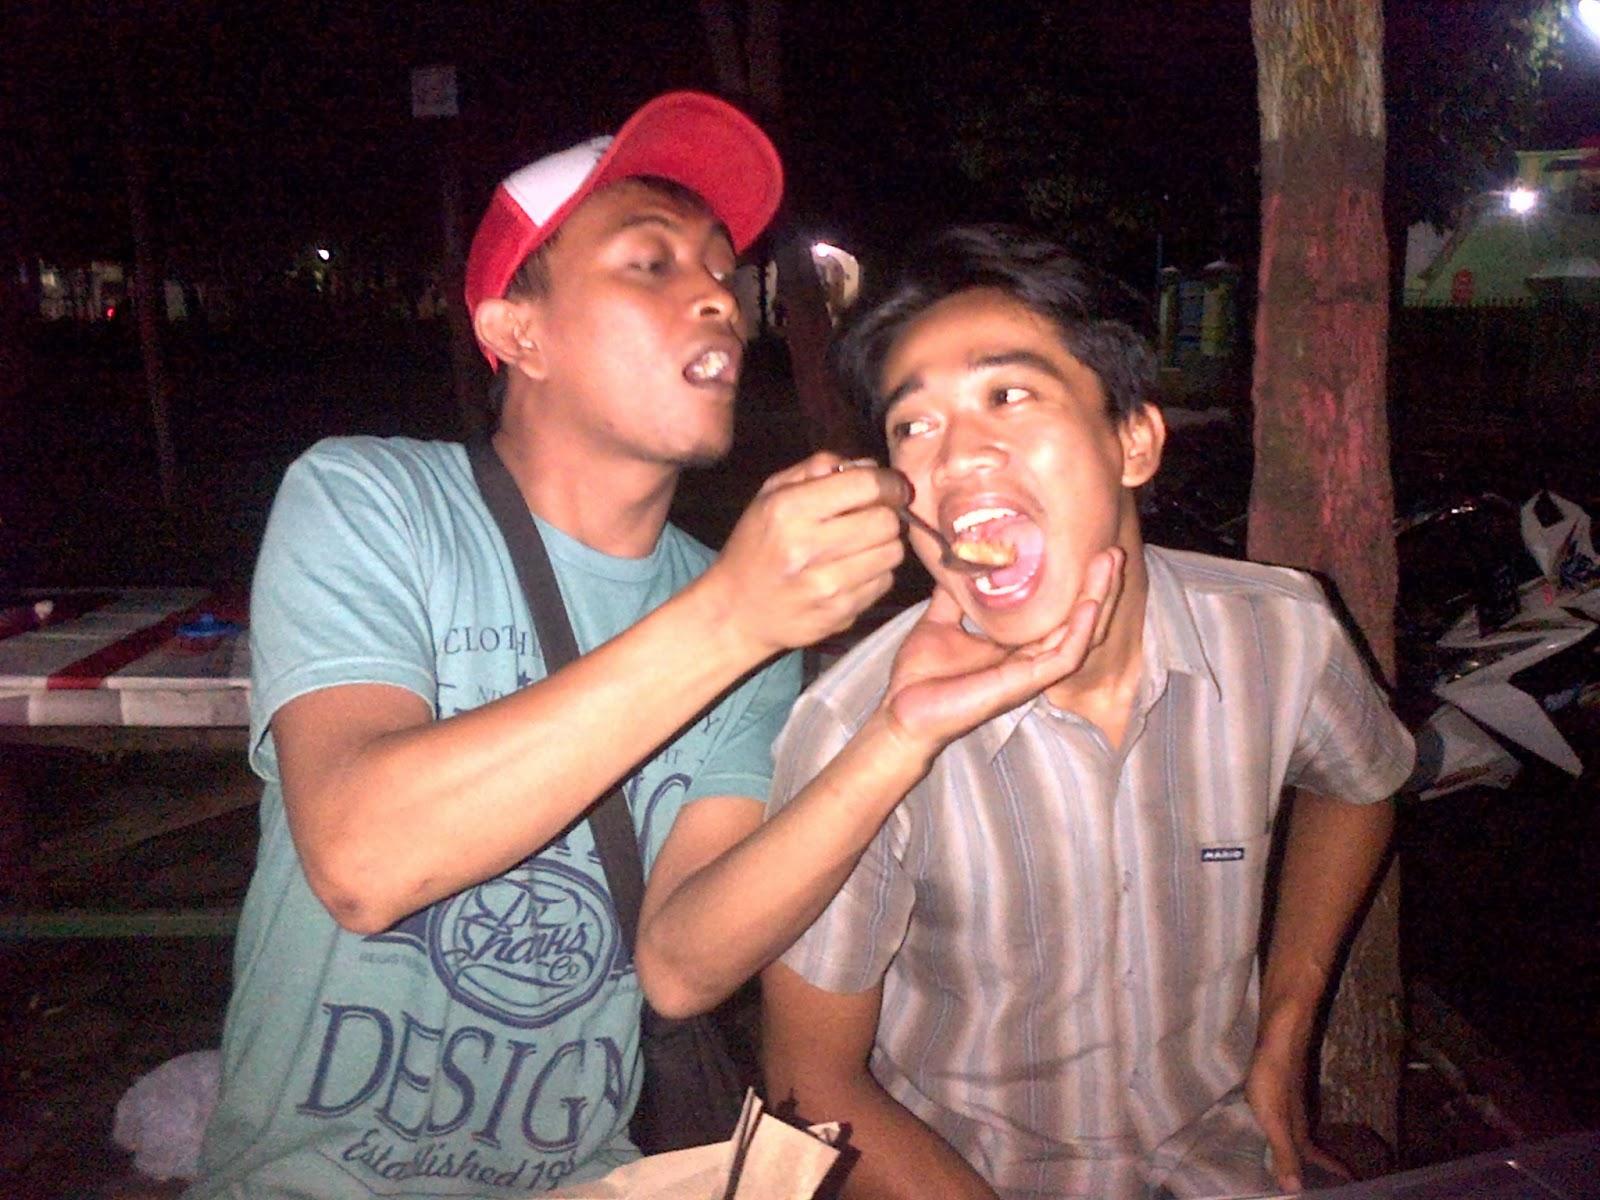 Indahnya Malam Mingguan Bersama Sahabat Di Probolinggo Community